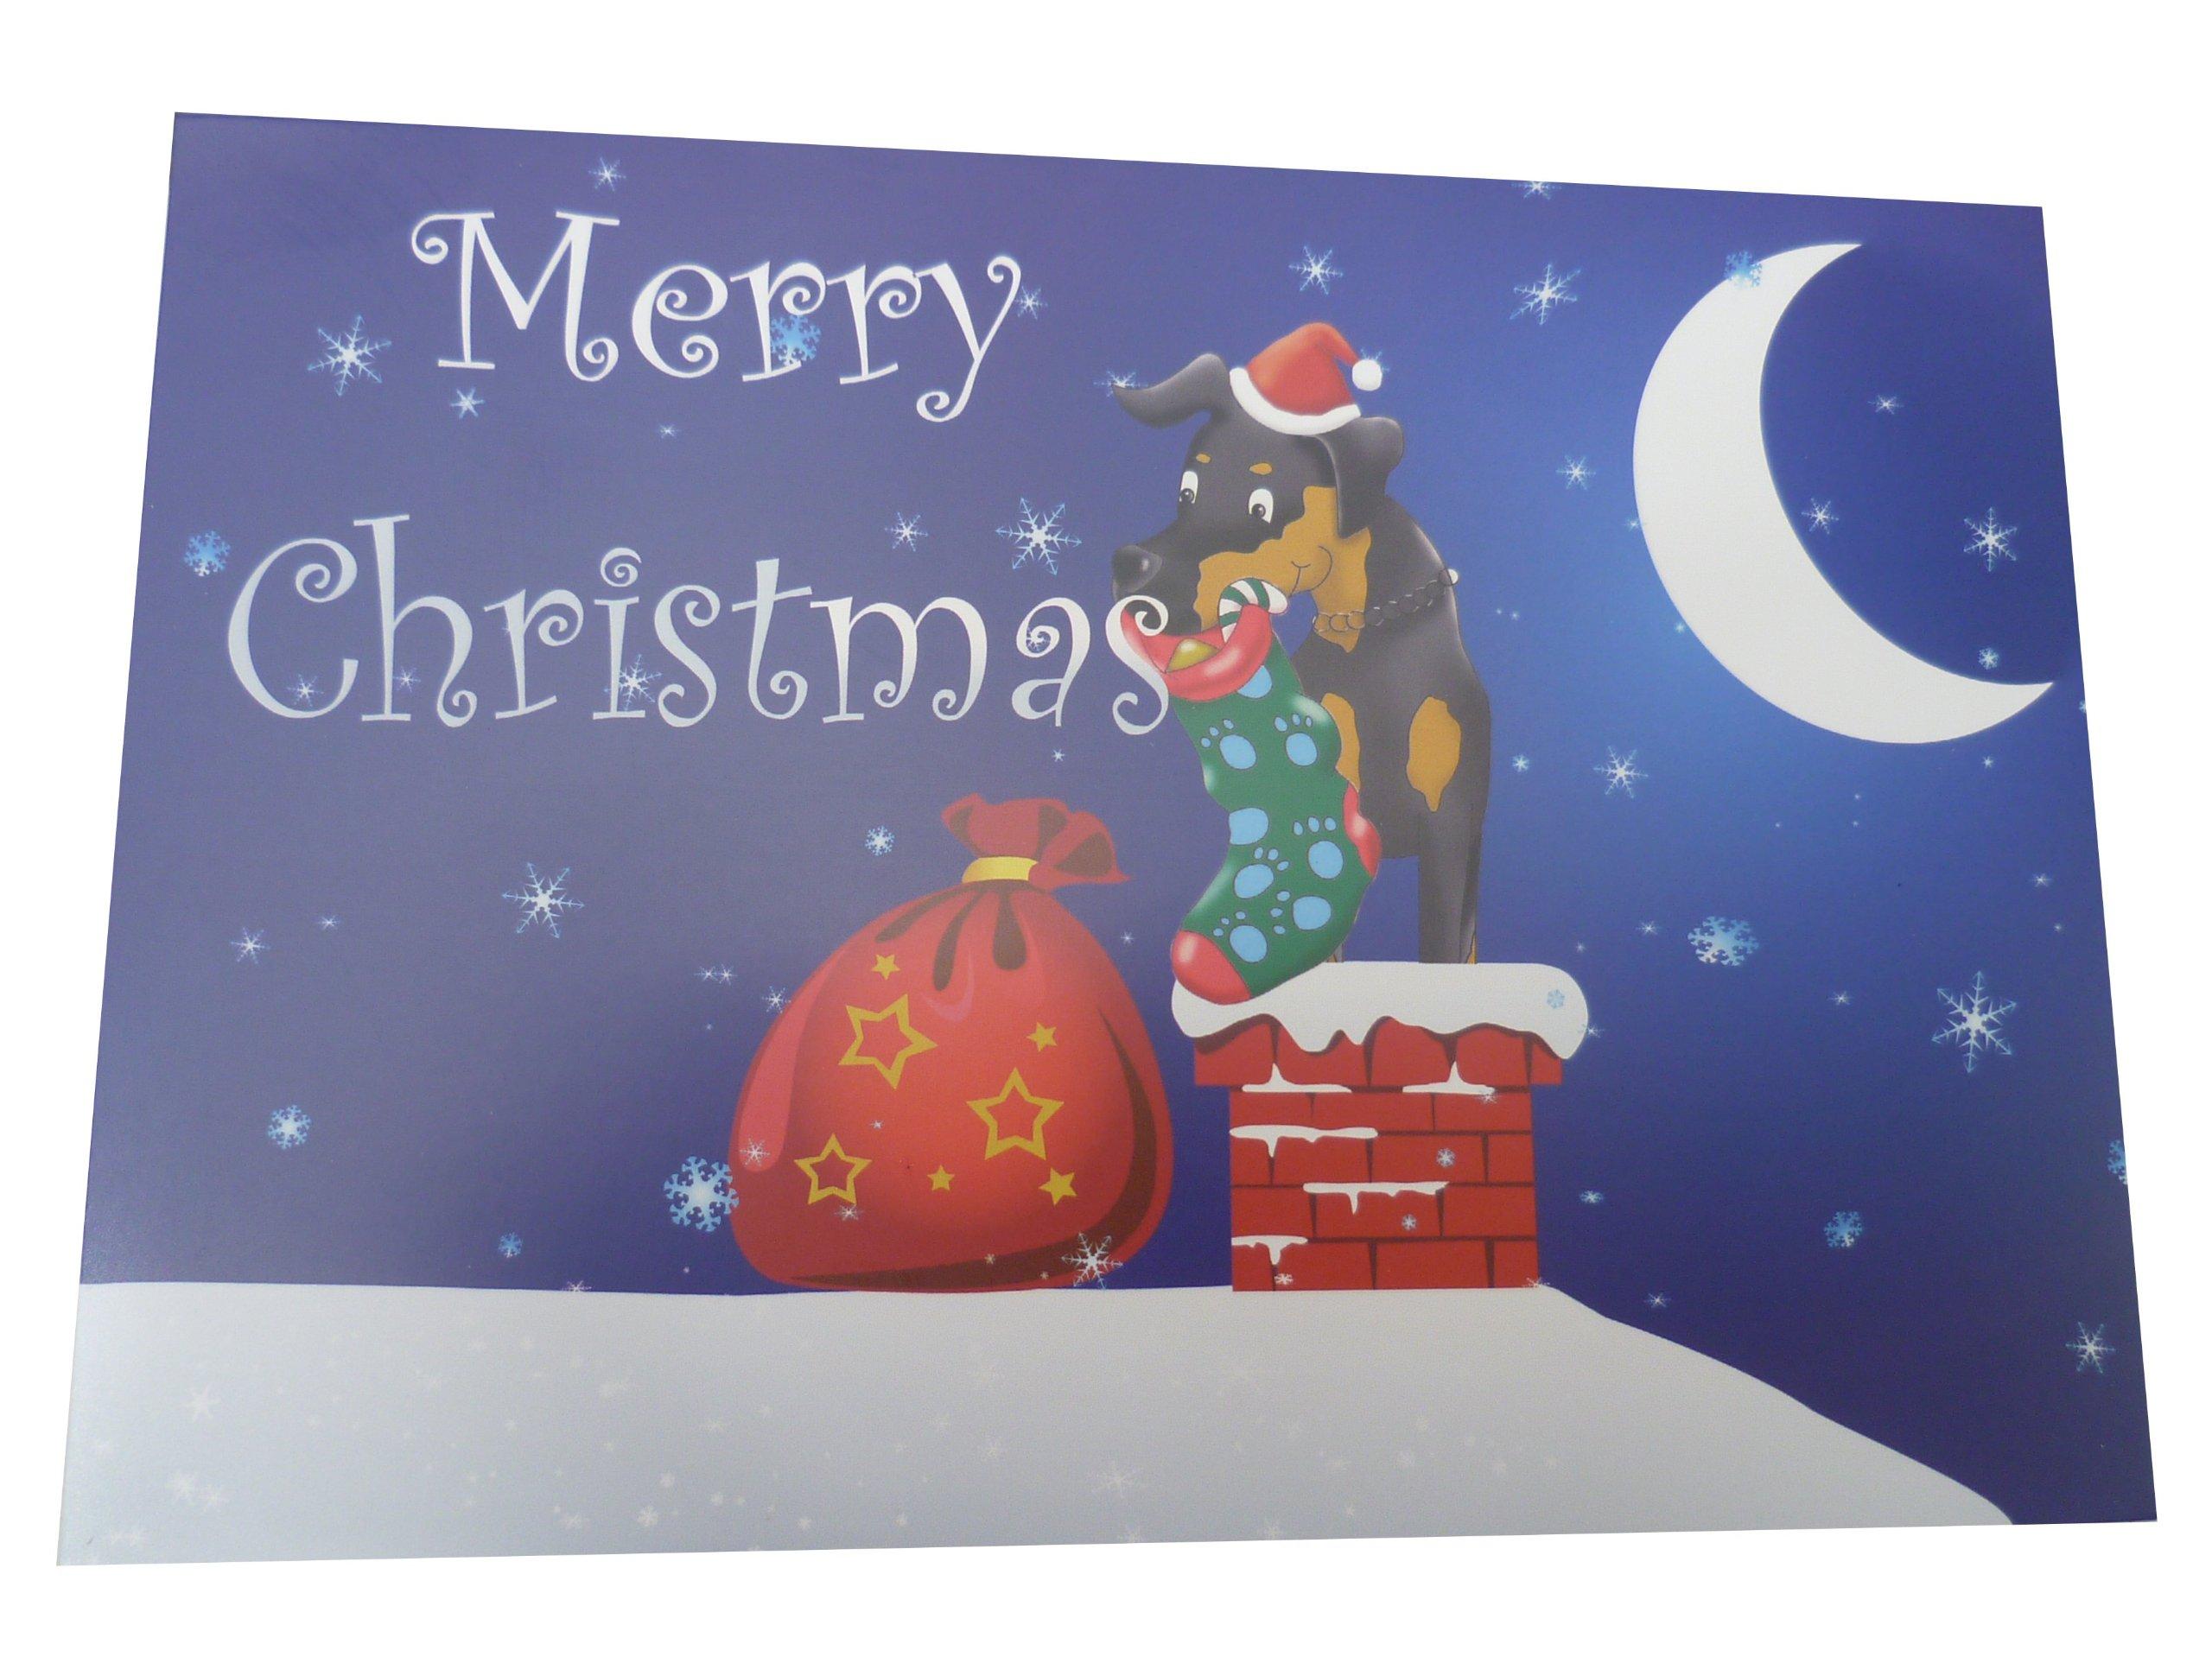 Diseño de techo de dóberman tarjetas de felicitación navideñas (Pack de 10 cartas con): Amazon.es: Hogar